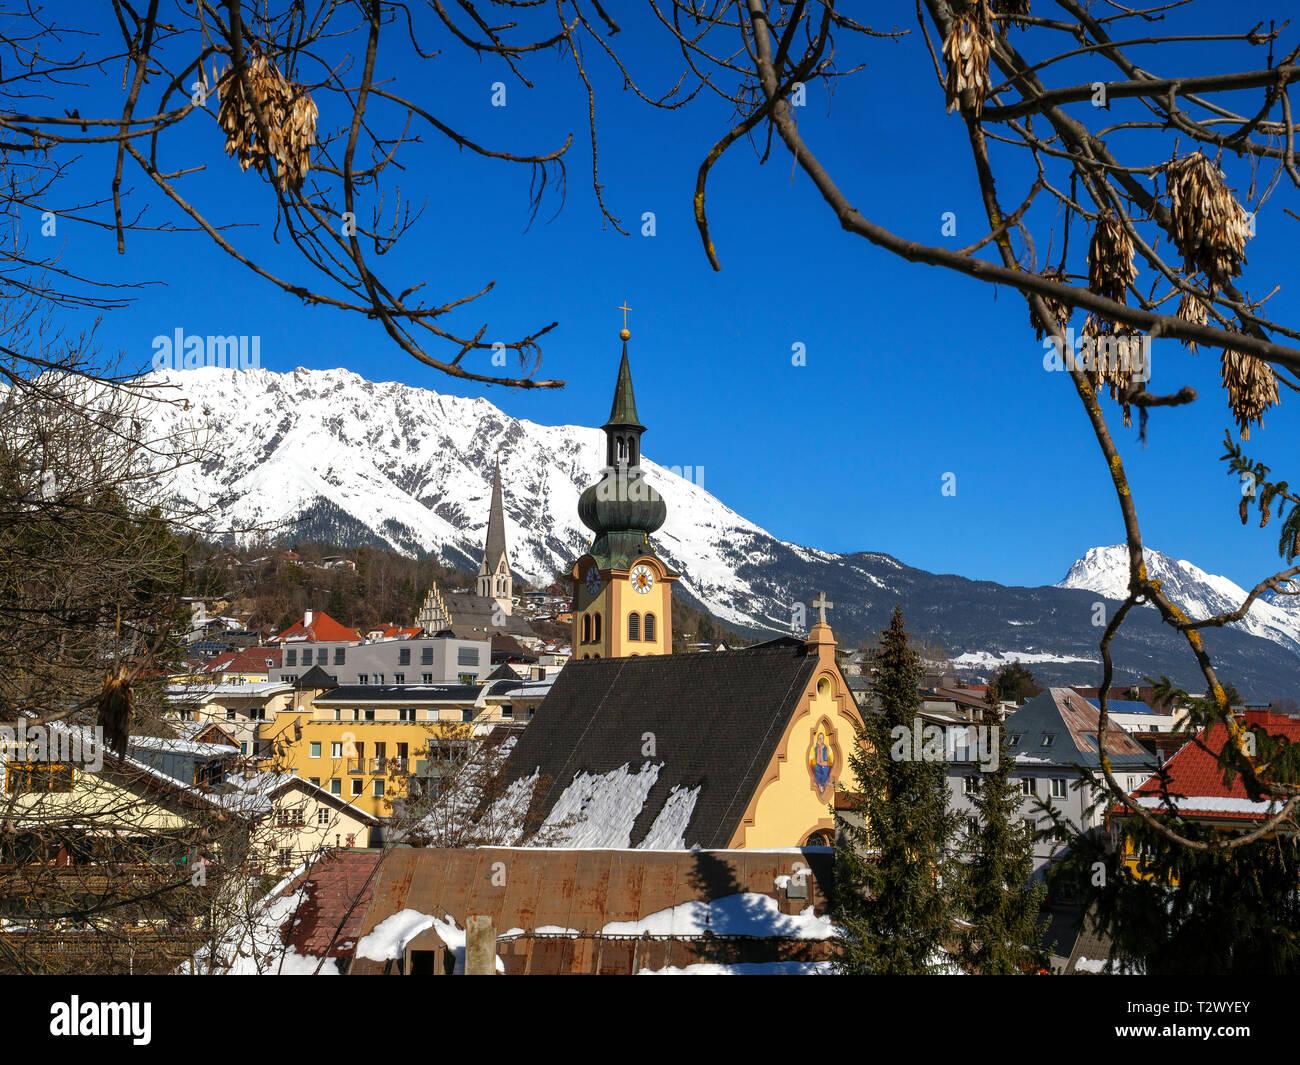 Iglesia de San Juan y la iglesia parroquial de la Asunción de María, Imst, Tirol, Austria, Europa Foto de stock